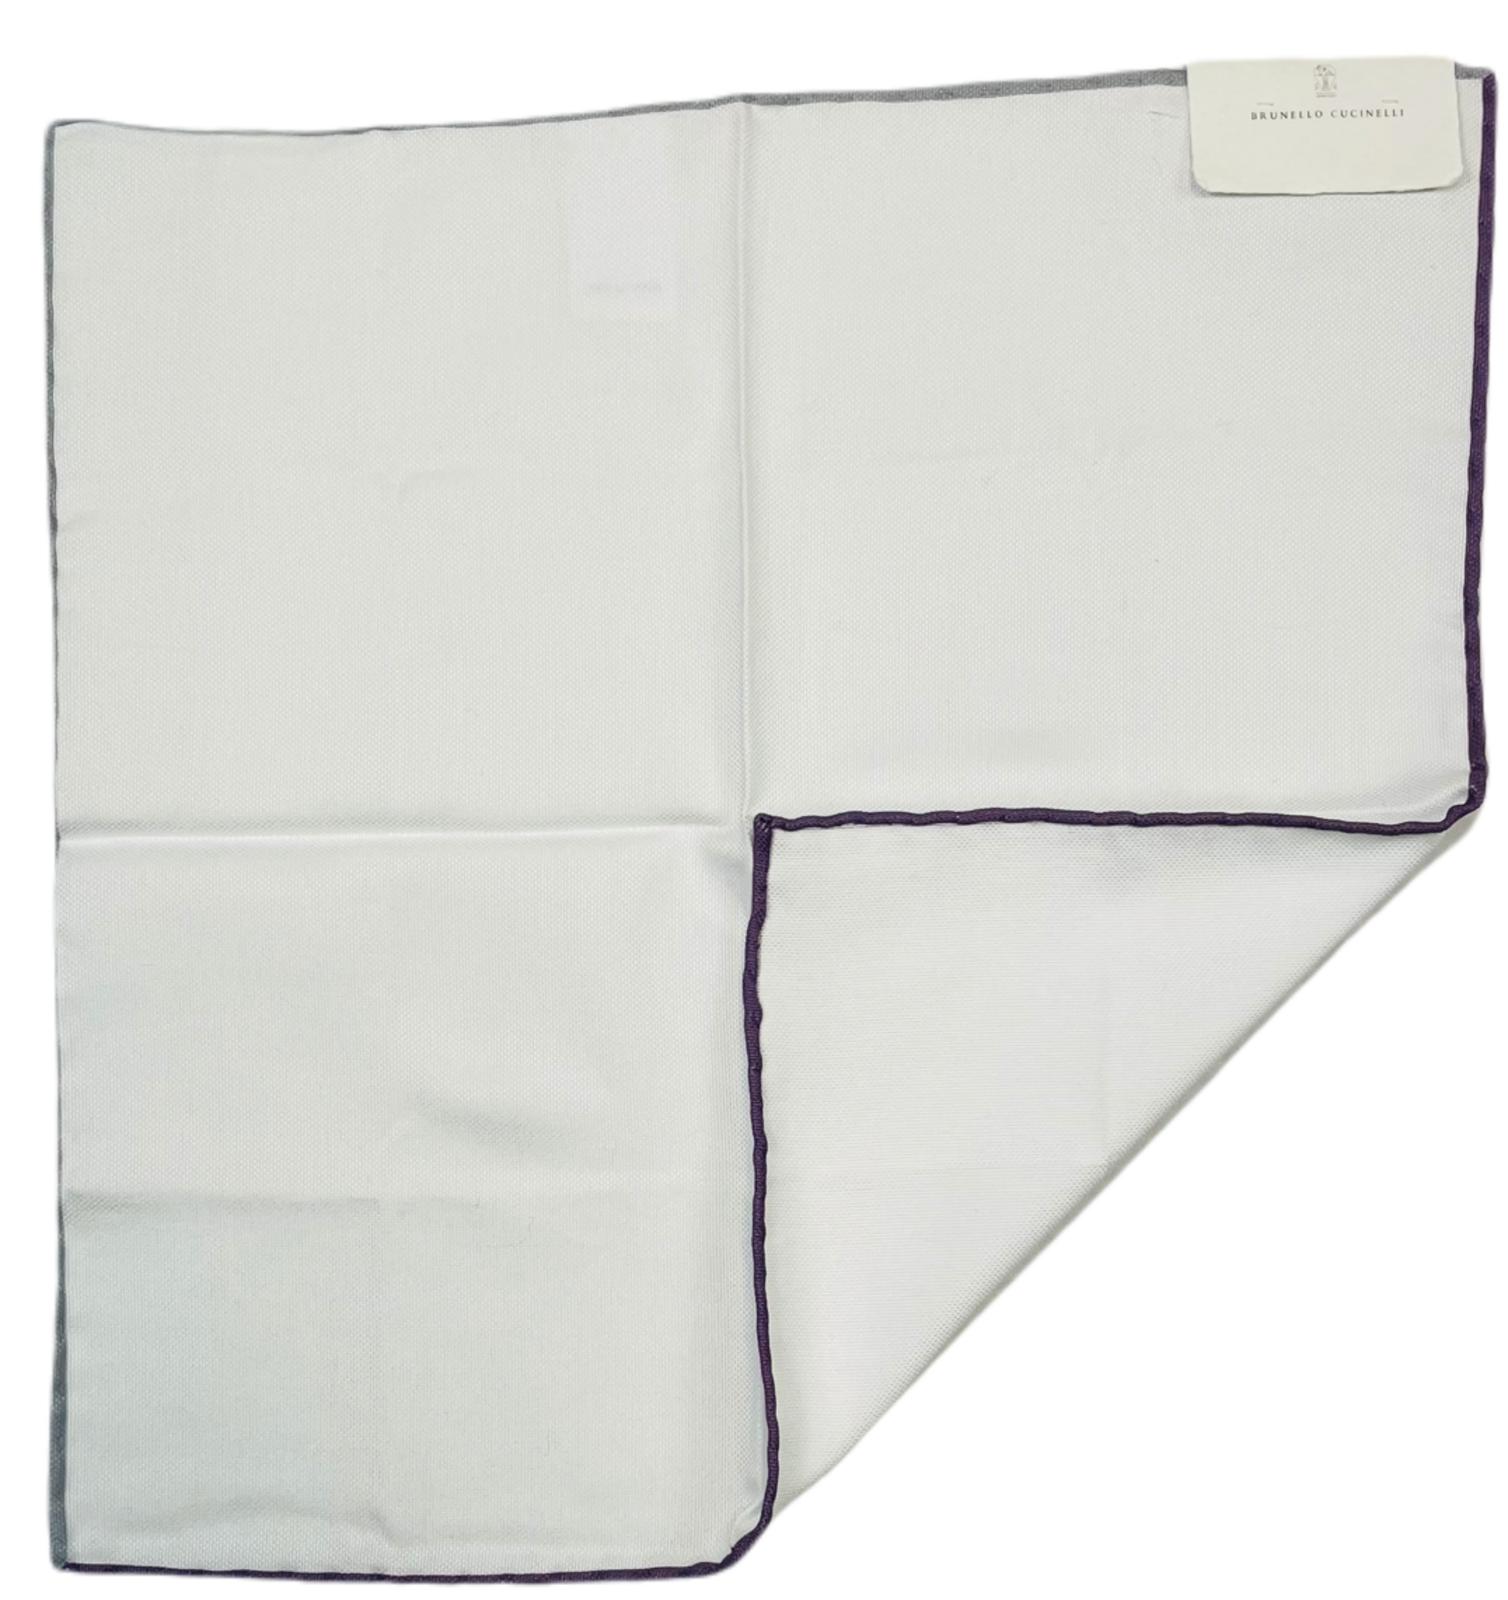 Brunello Cucinelli Handkerchief Pocket Cloth Pochette Square Neckcloth